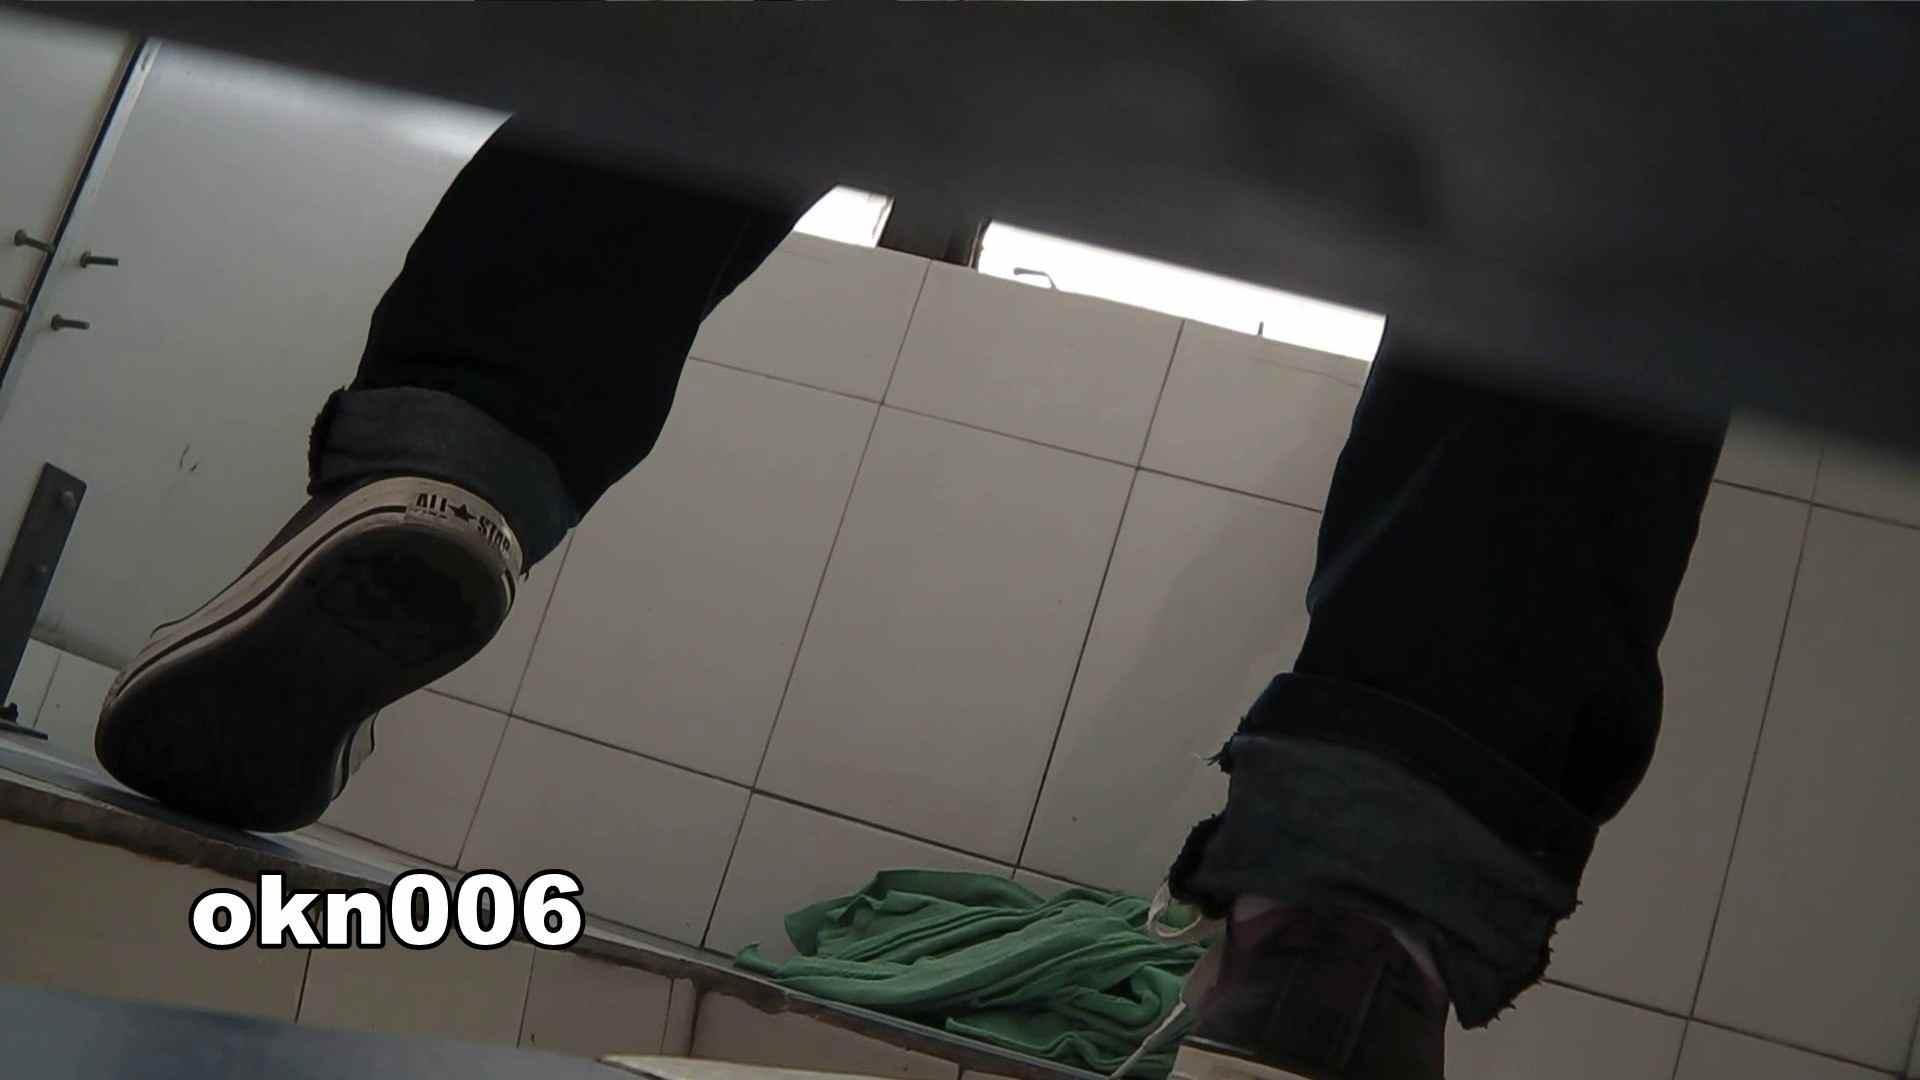 下からノゾム vol.006 ボアション エロいOL | 0  103枚